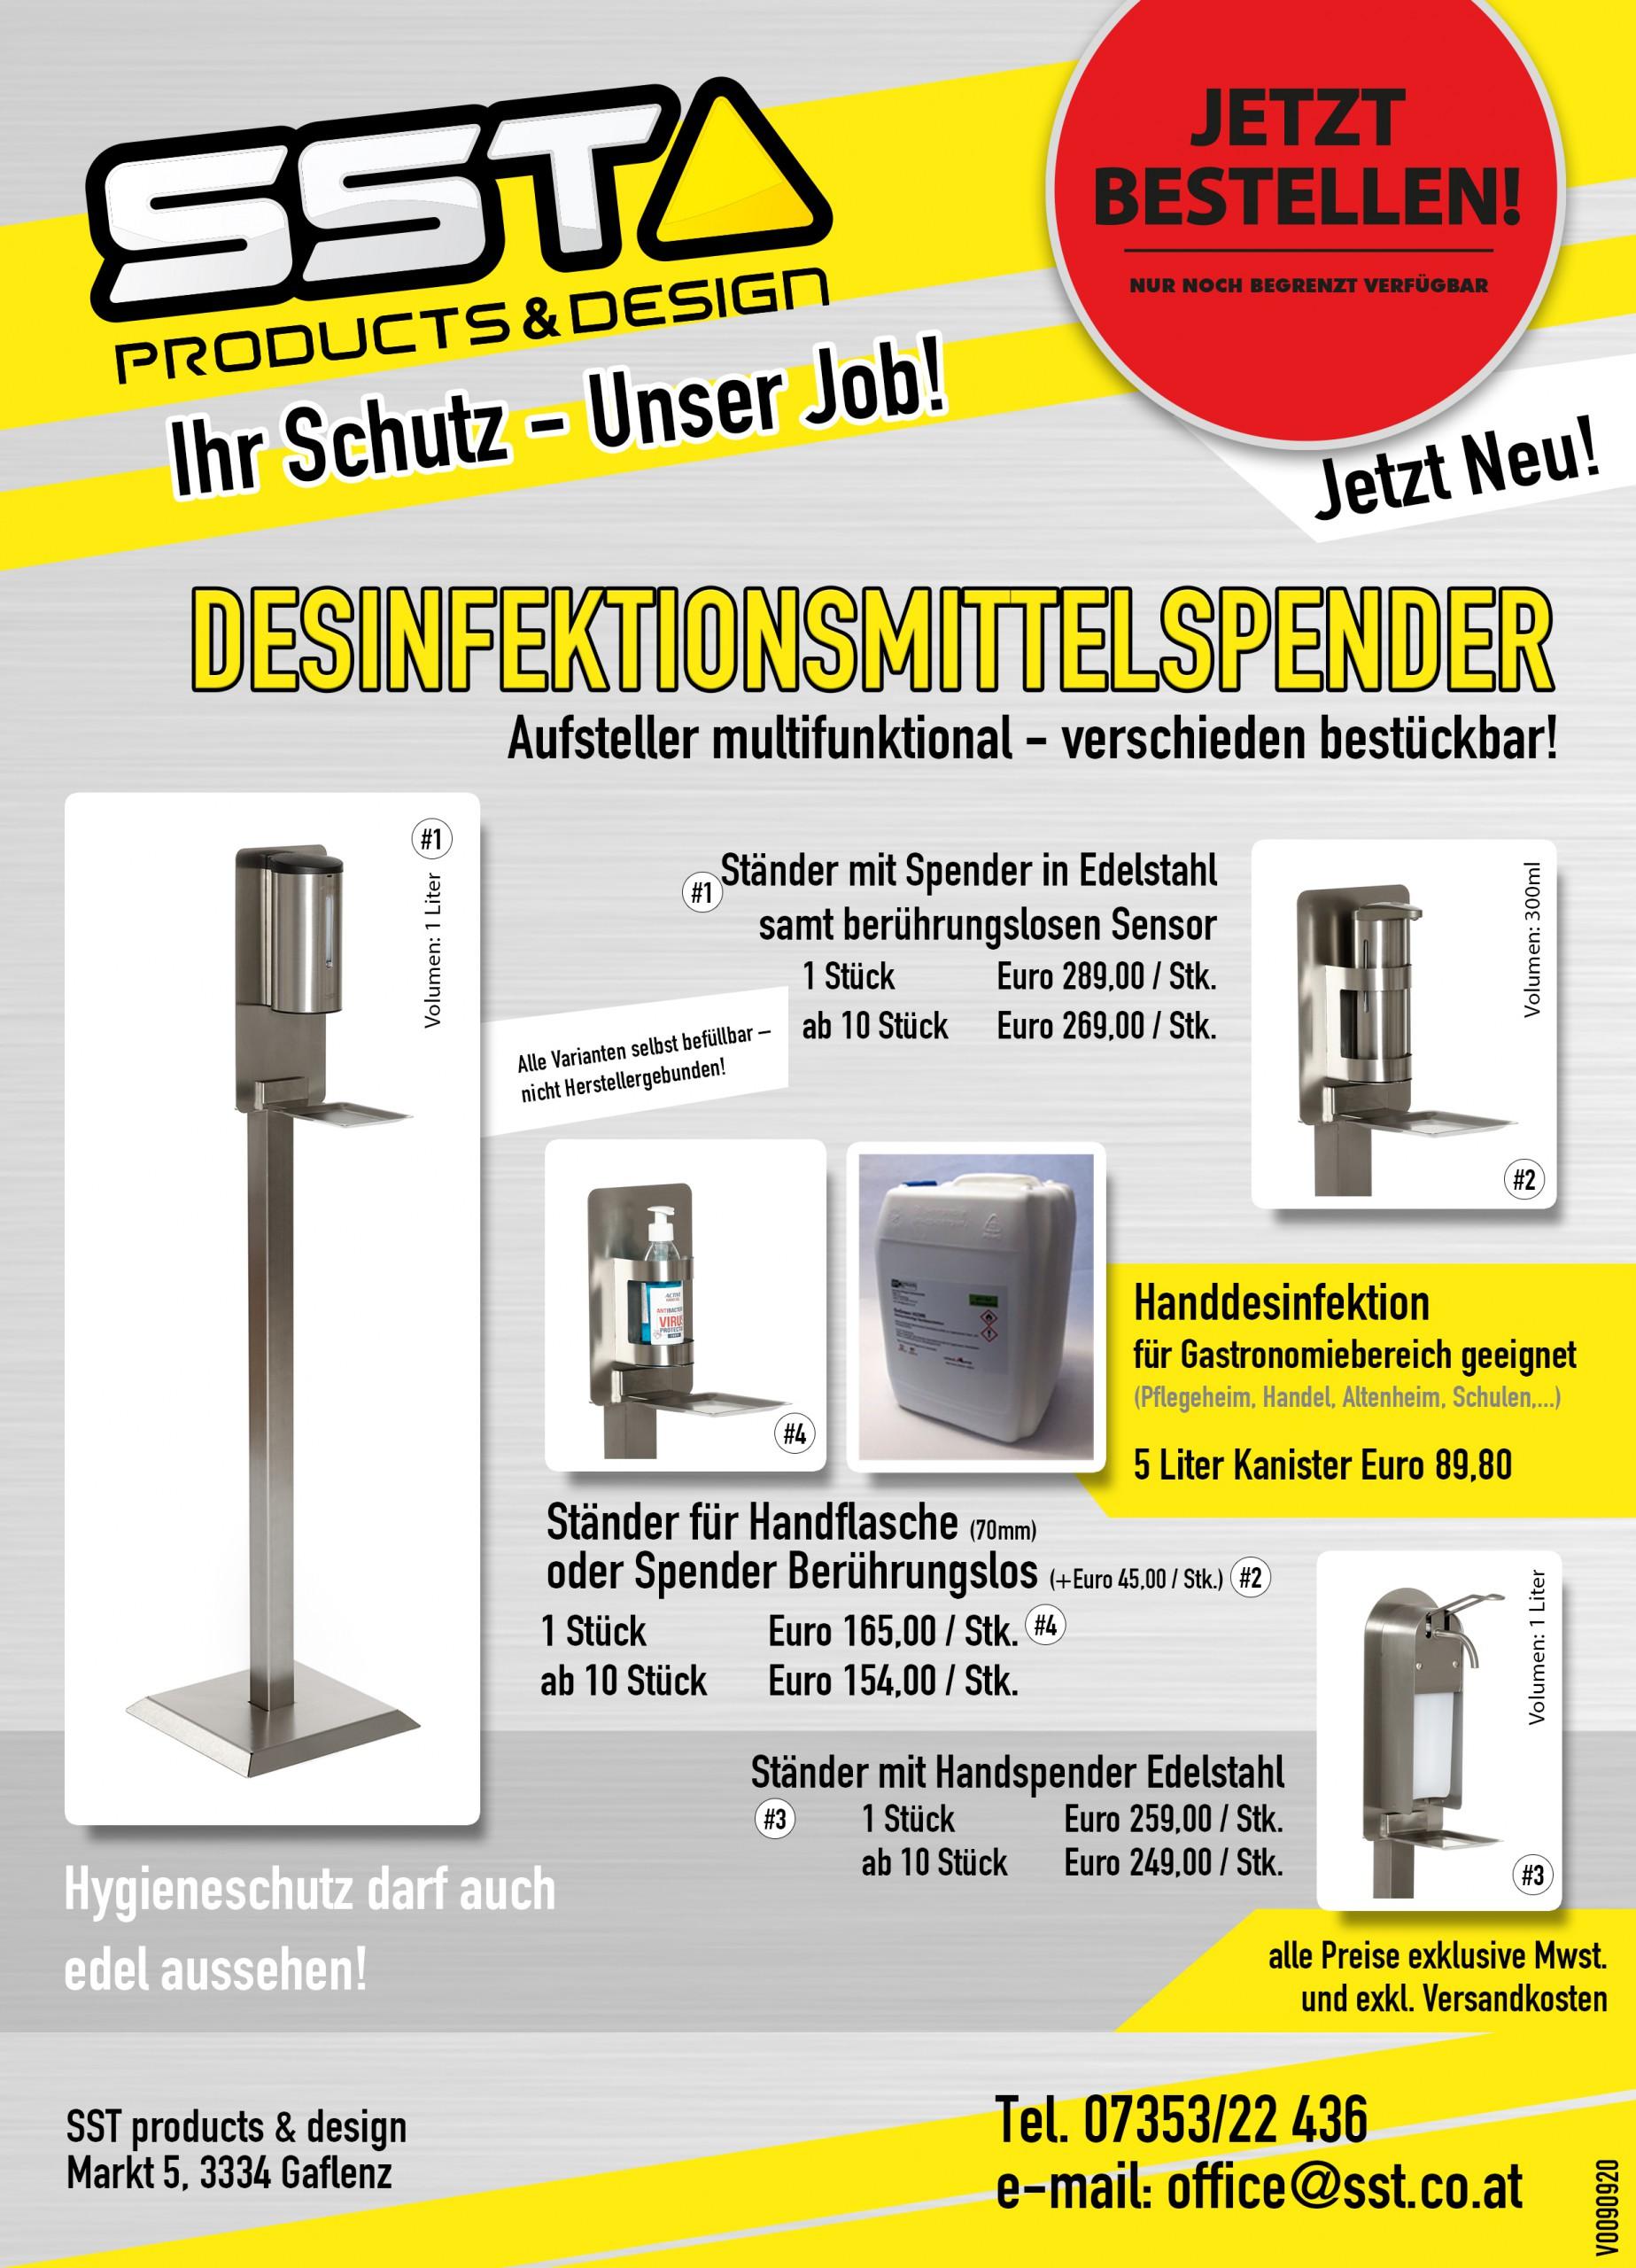 Newsletter Desinfektionsmittelspender_20200909_vs3-3